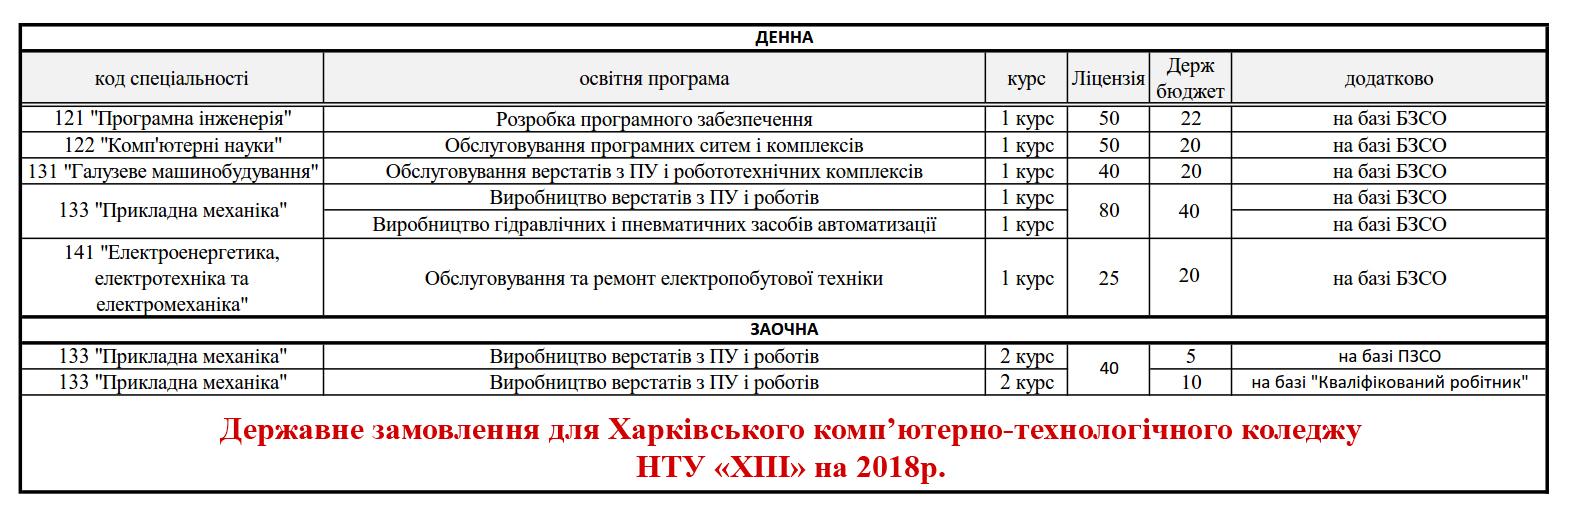 Державне замовлення на 2018р.